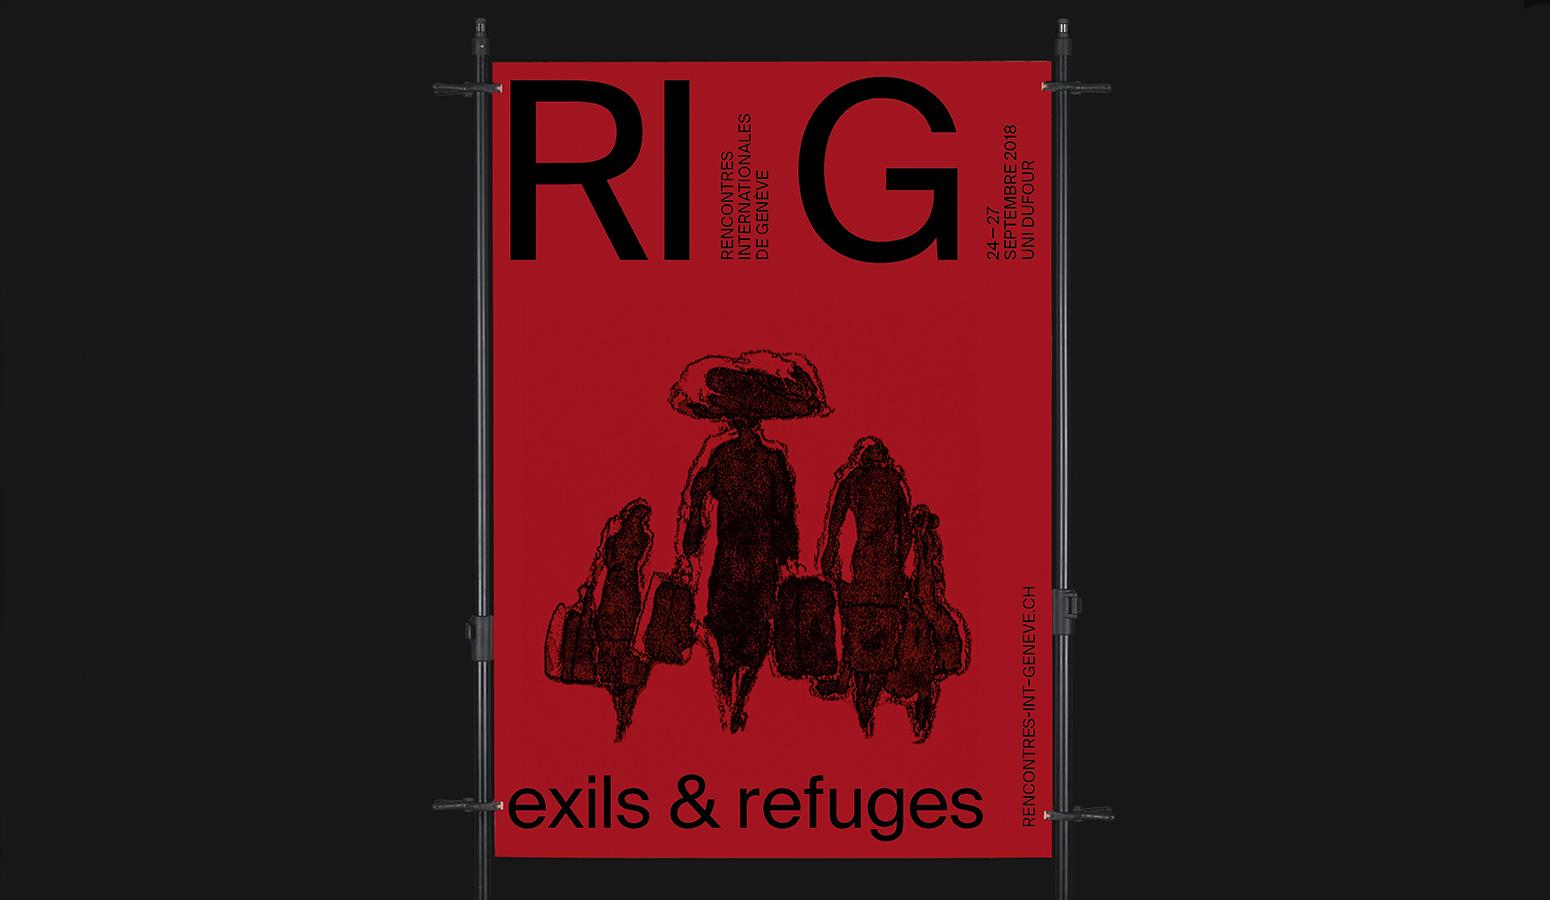 RIG_vignette_F4_18